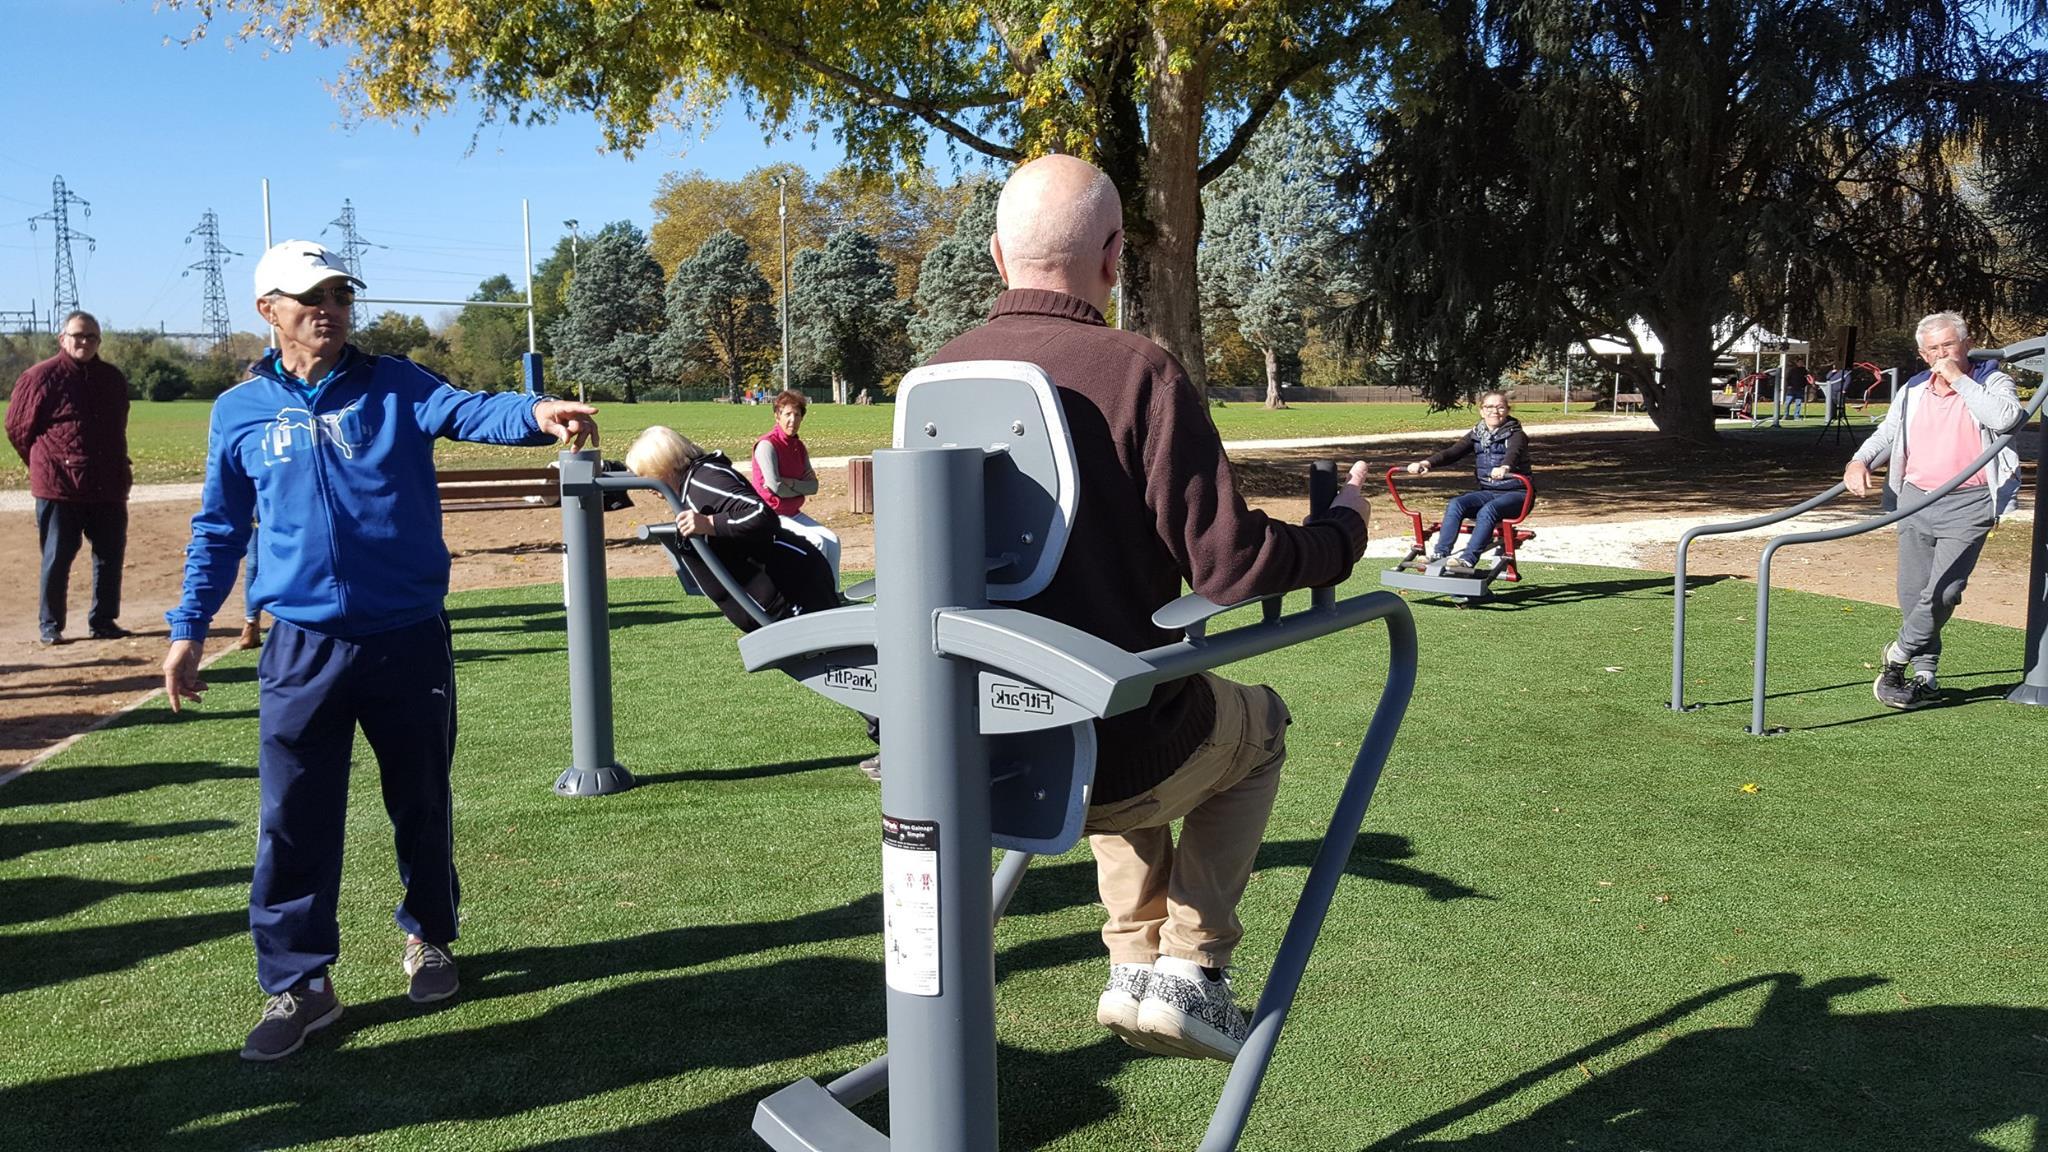 Le sport sur ordonnance au service de la santé des citadins et de la ville